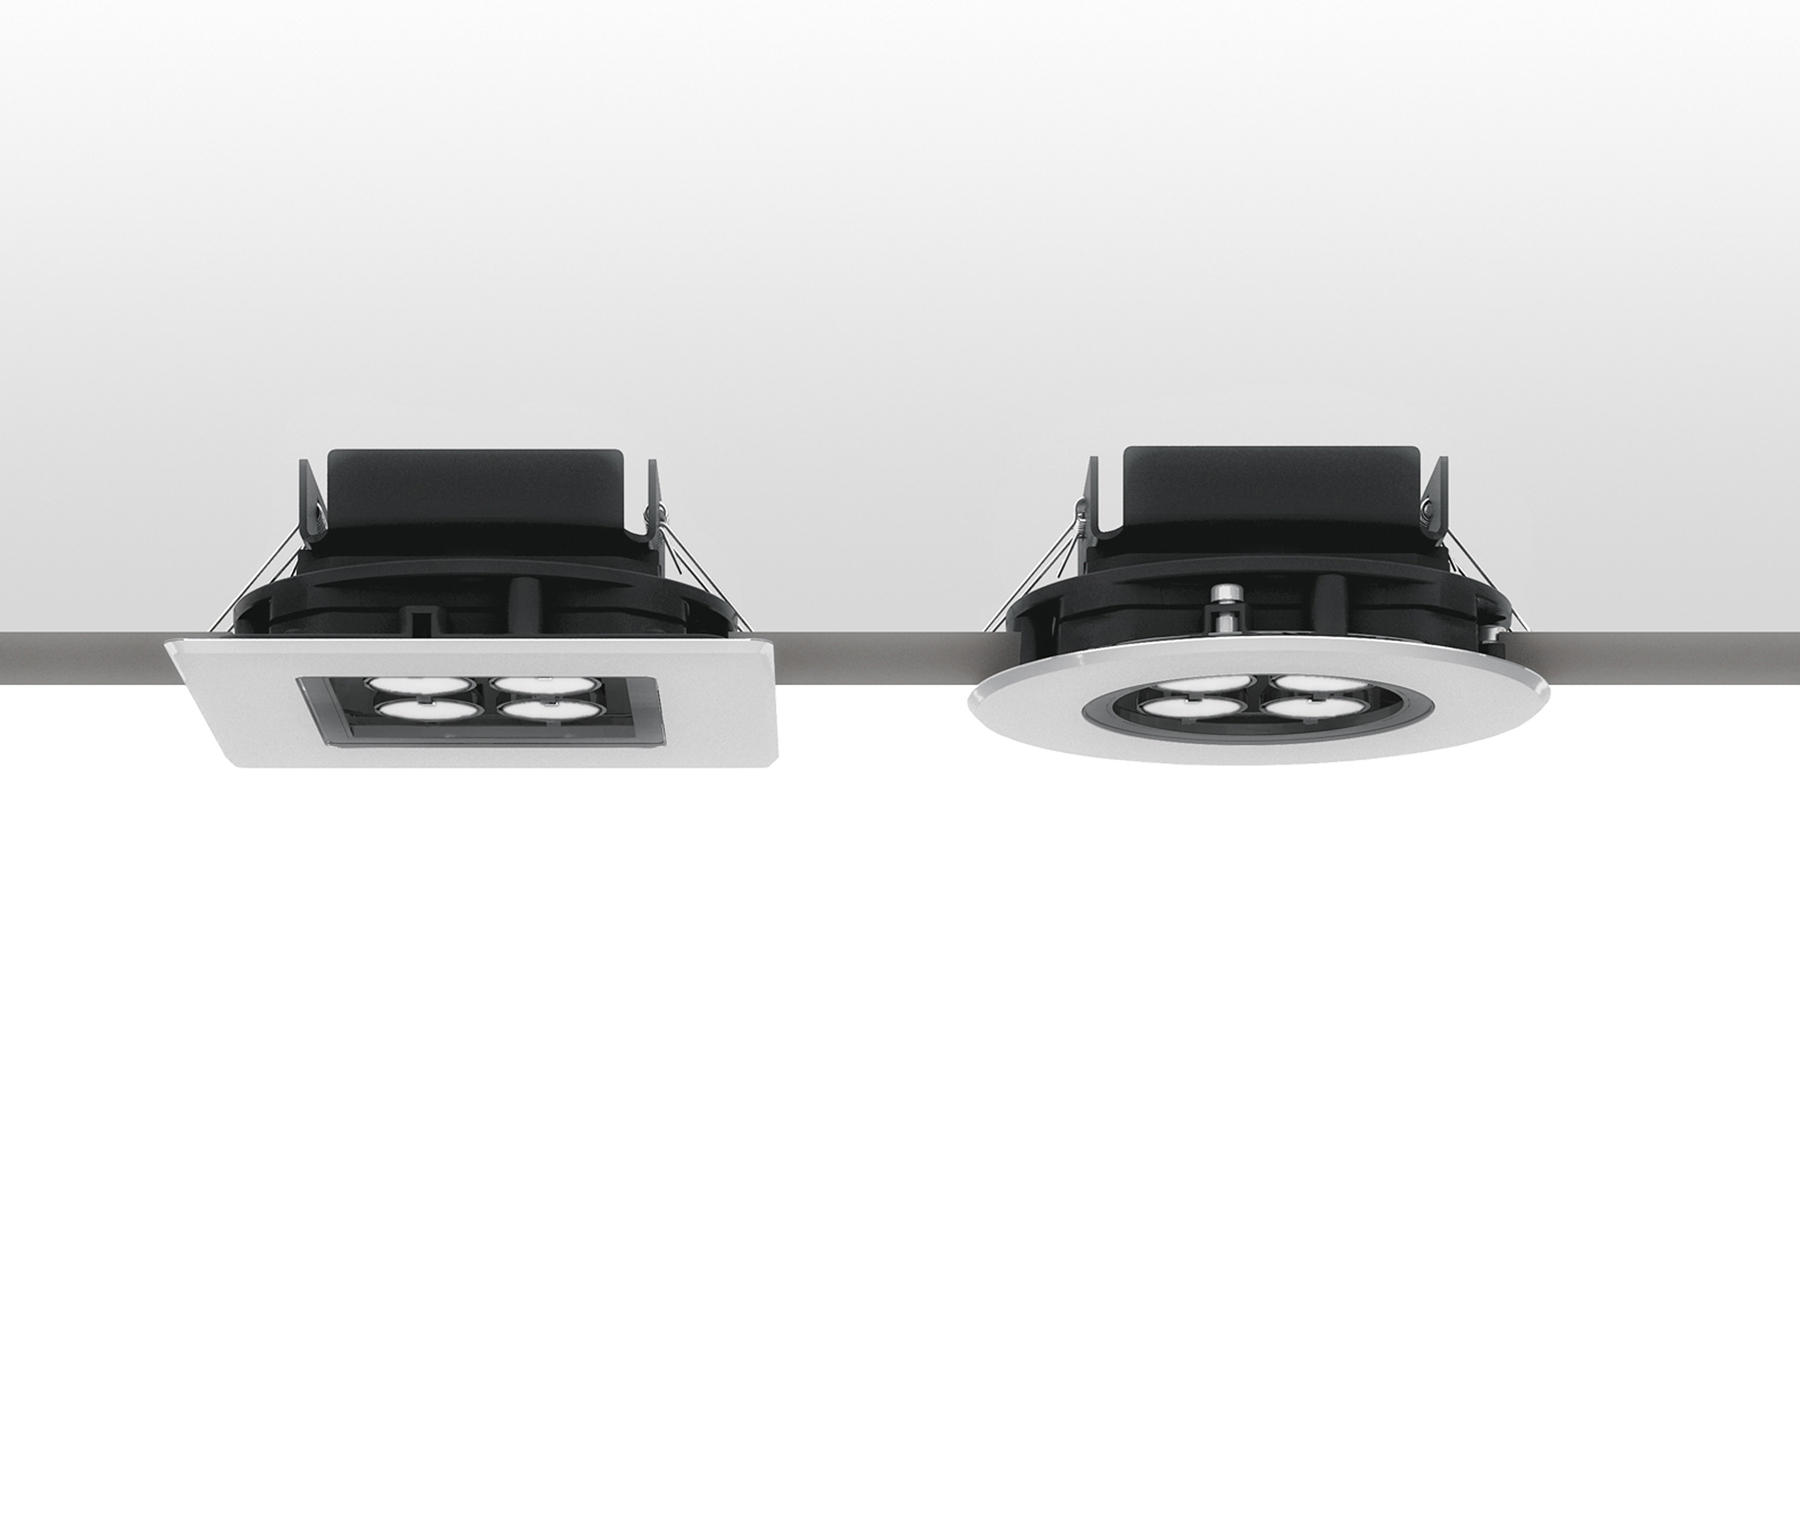 ego downlight outdoor floor lights from artemide architectural